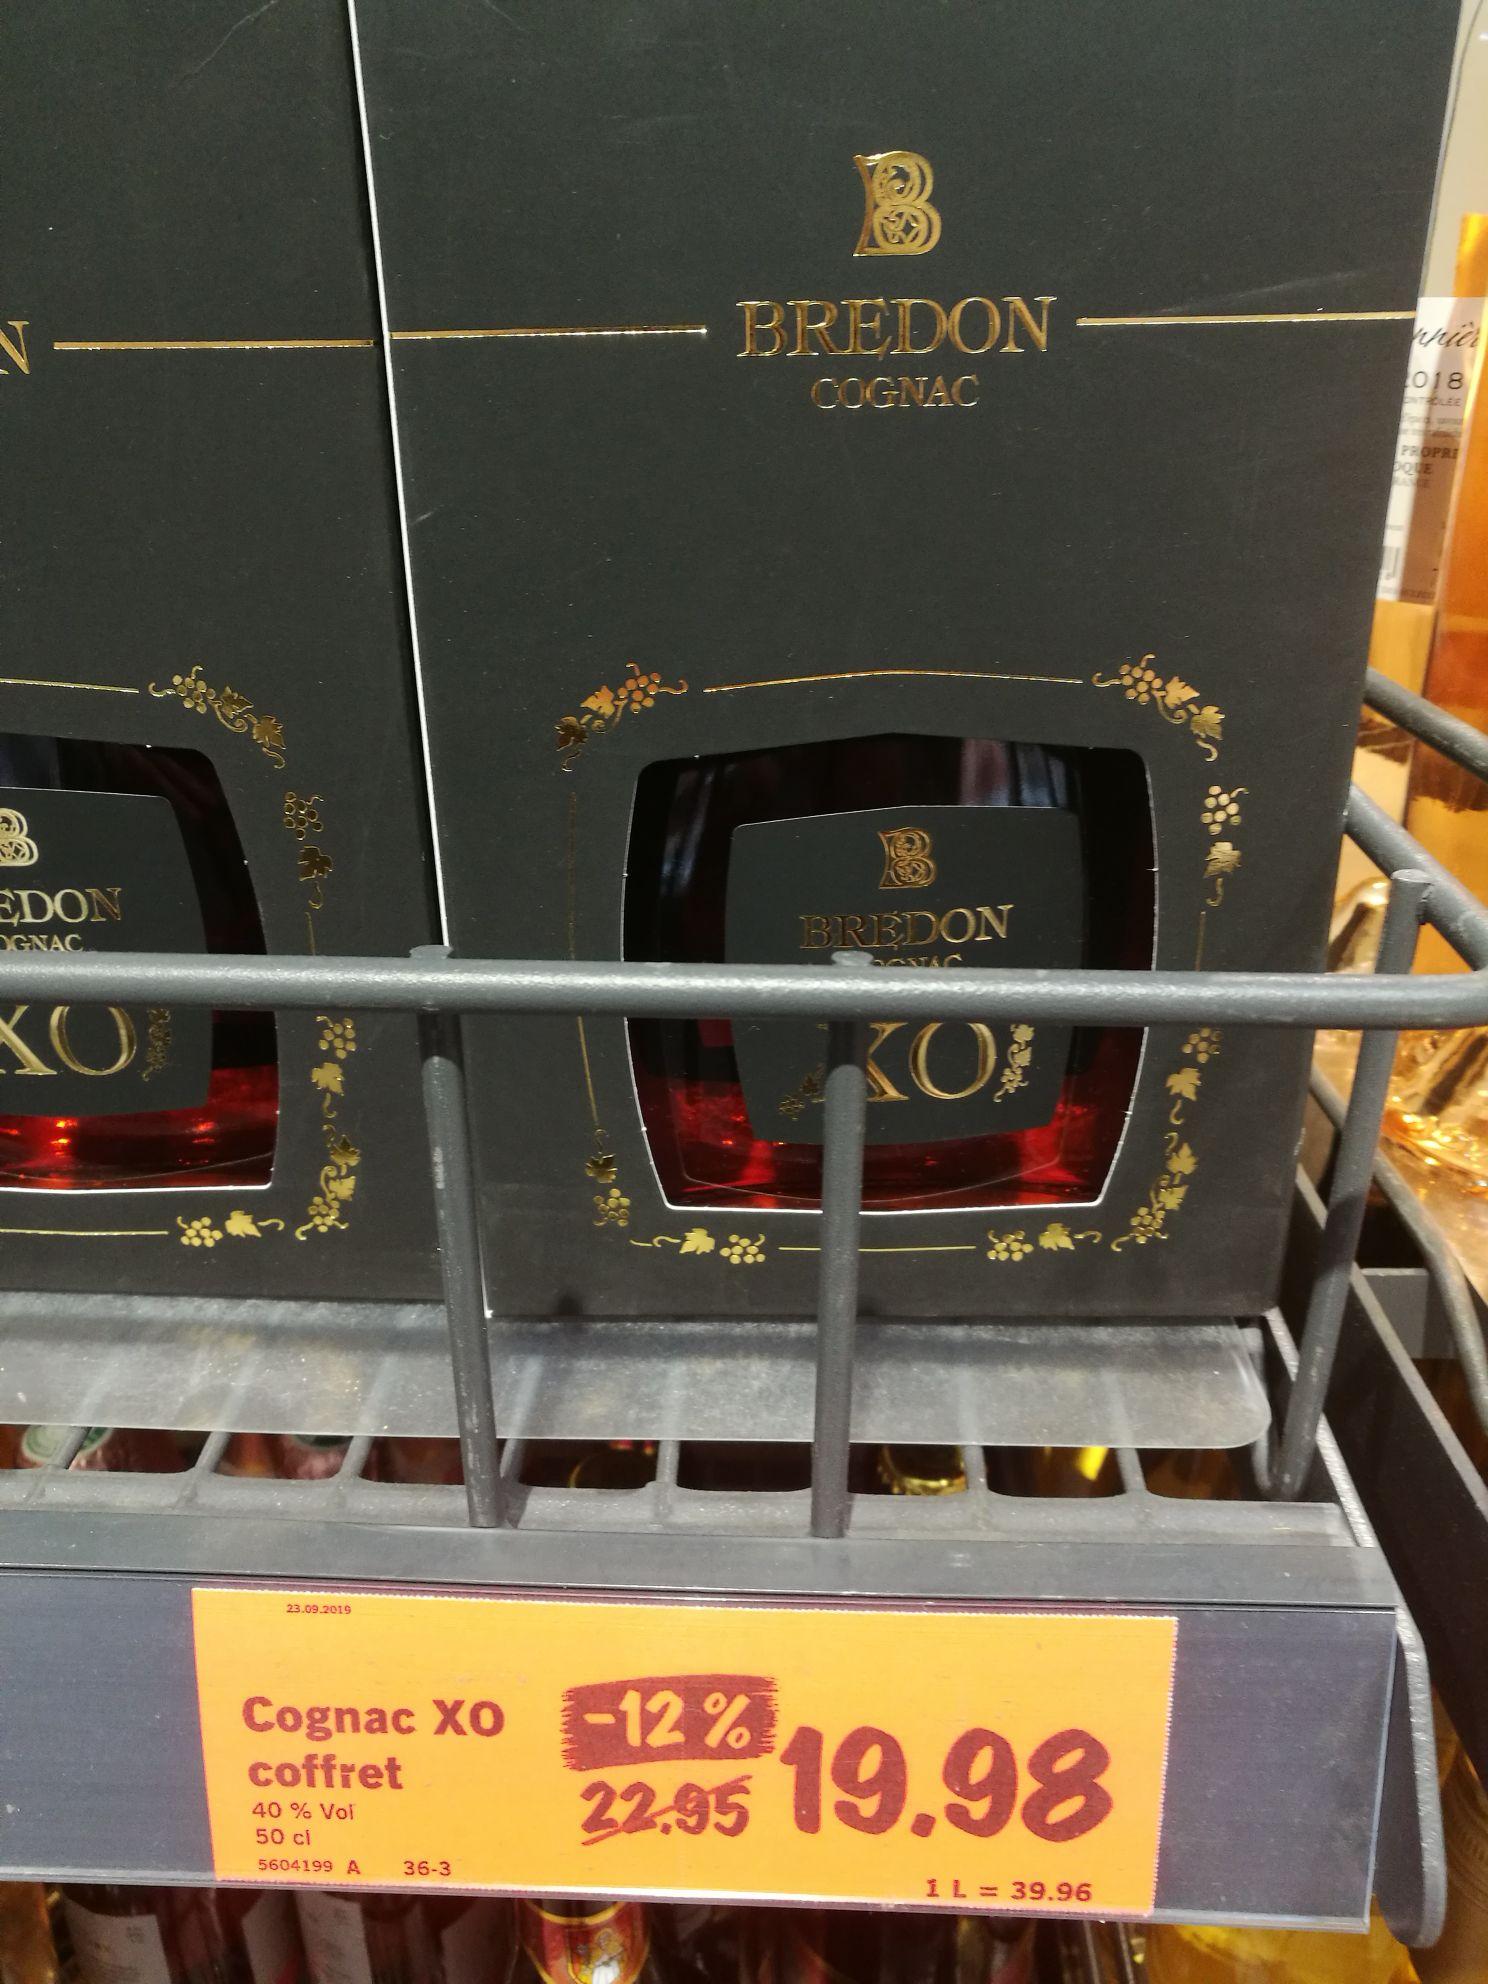 Bouteille de cognac XO Bredon (50 cl)